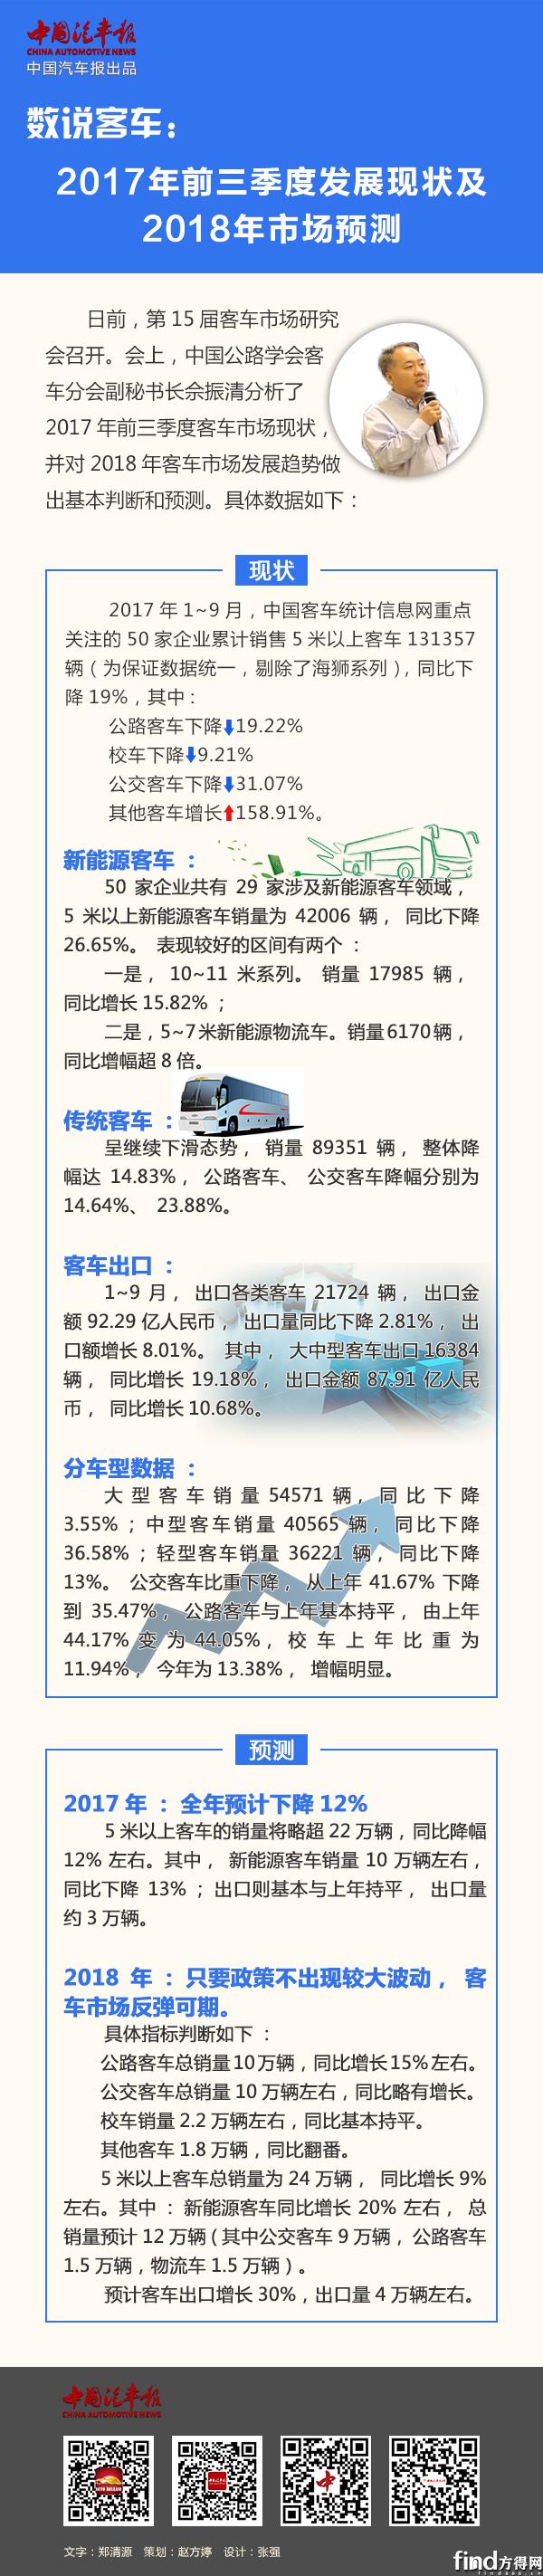 客车前三季度分析及预测